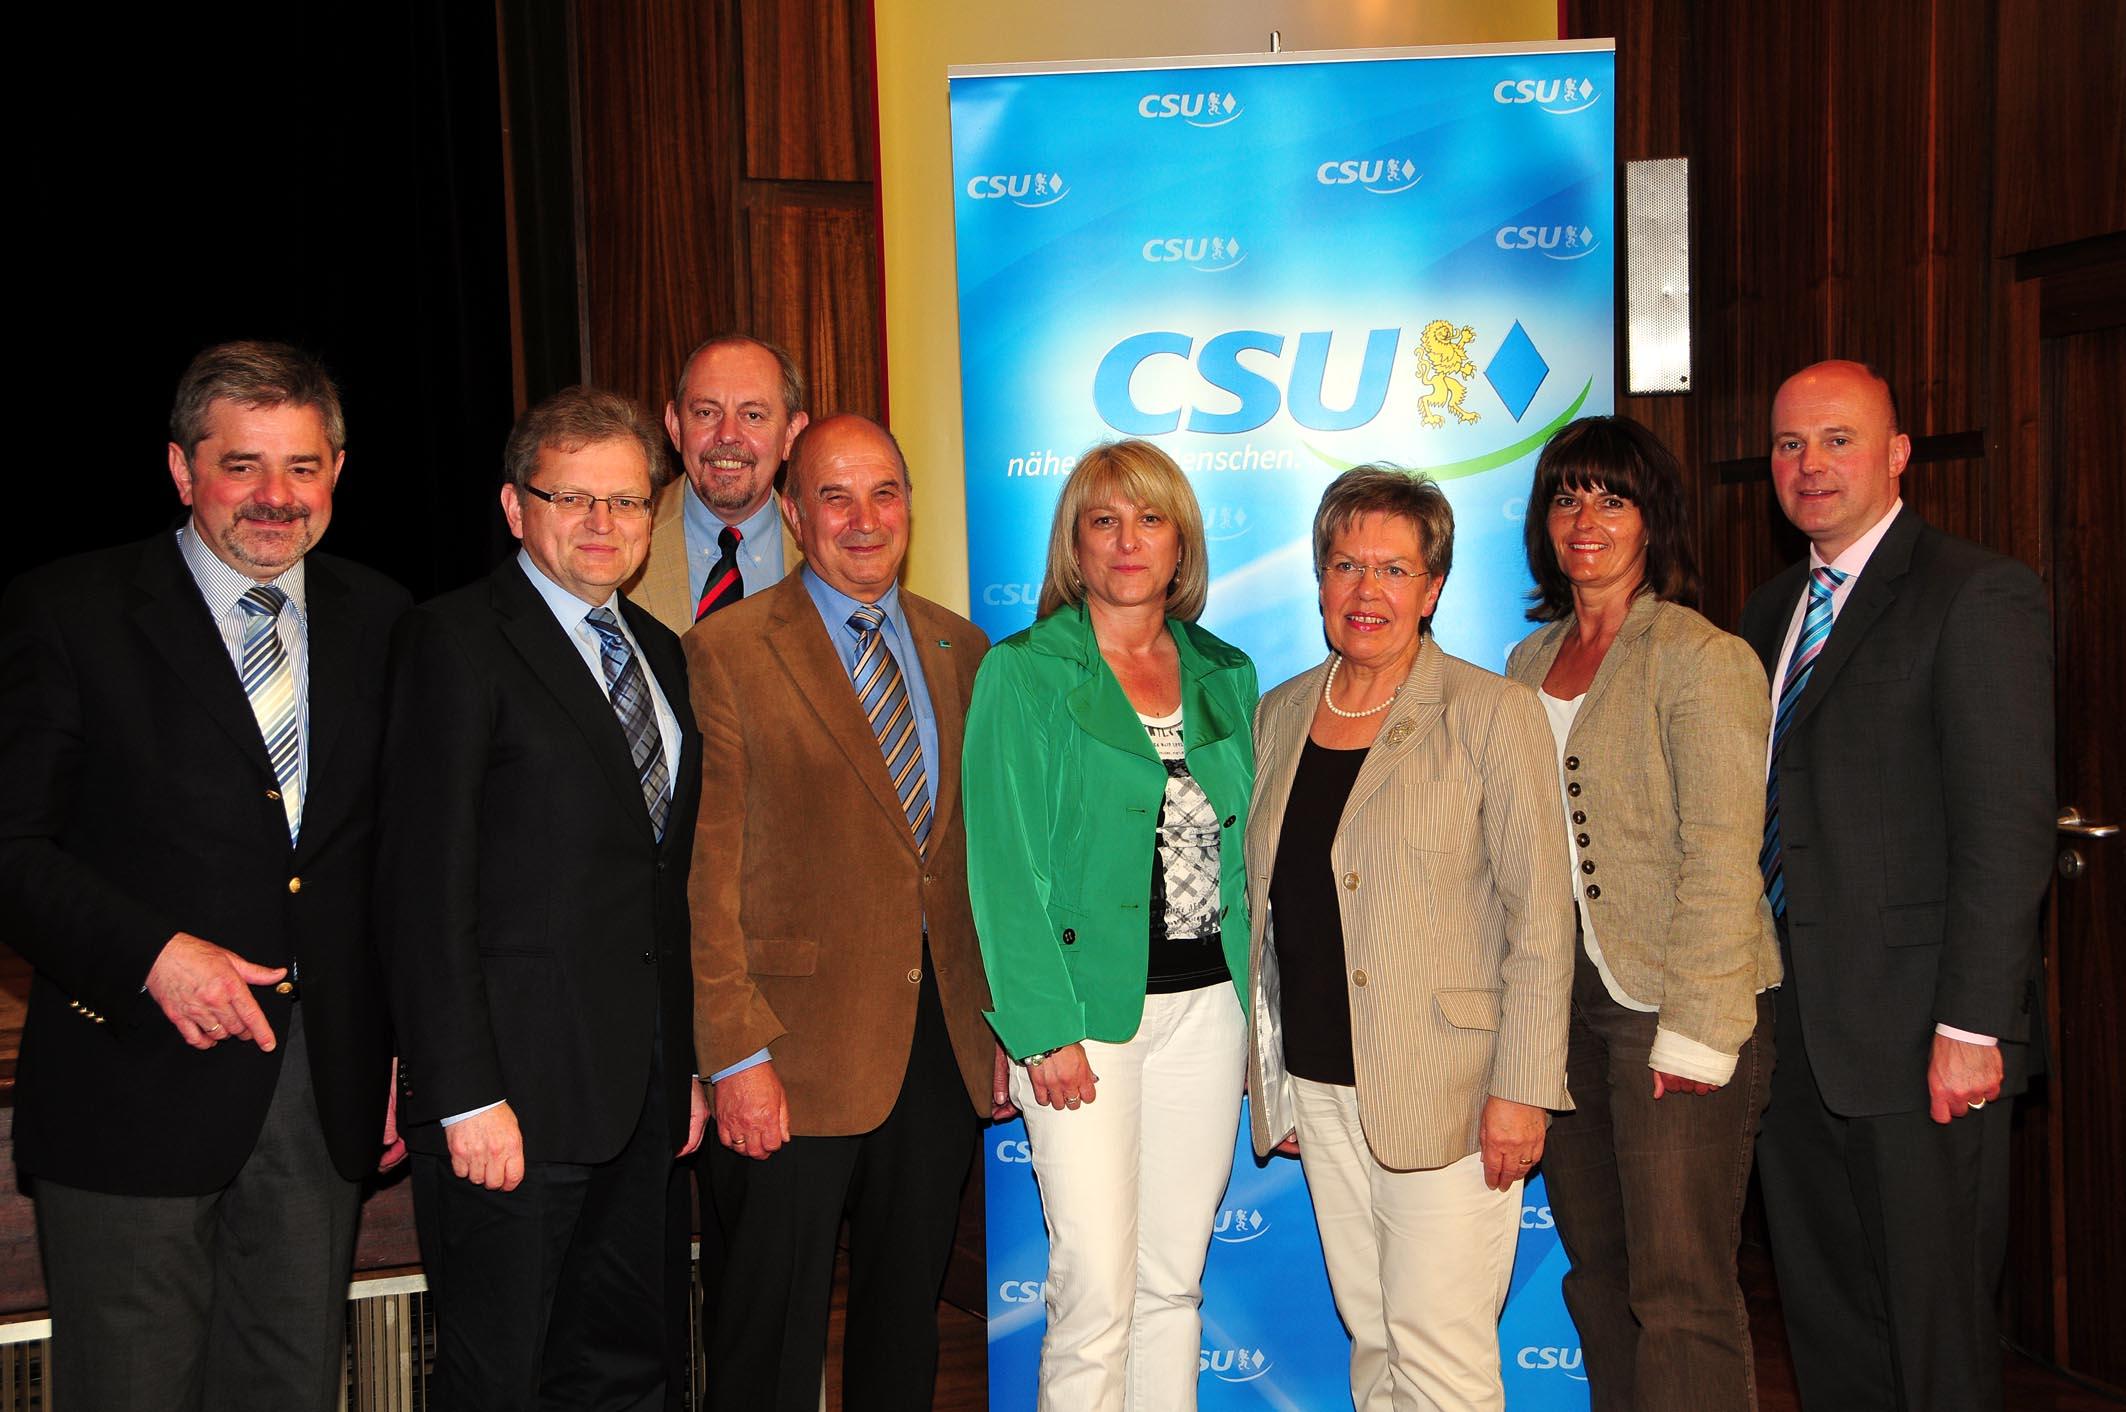 Die neue Führungsmannschaft der Landkreis-CSU